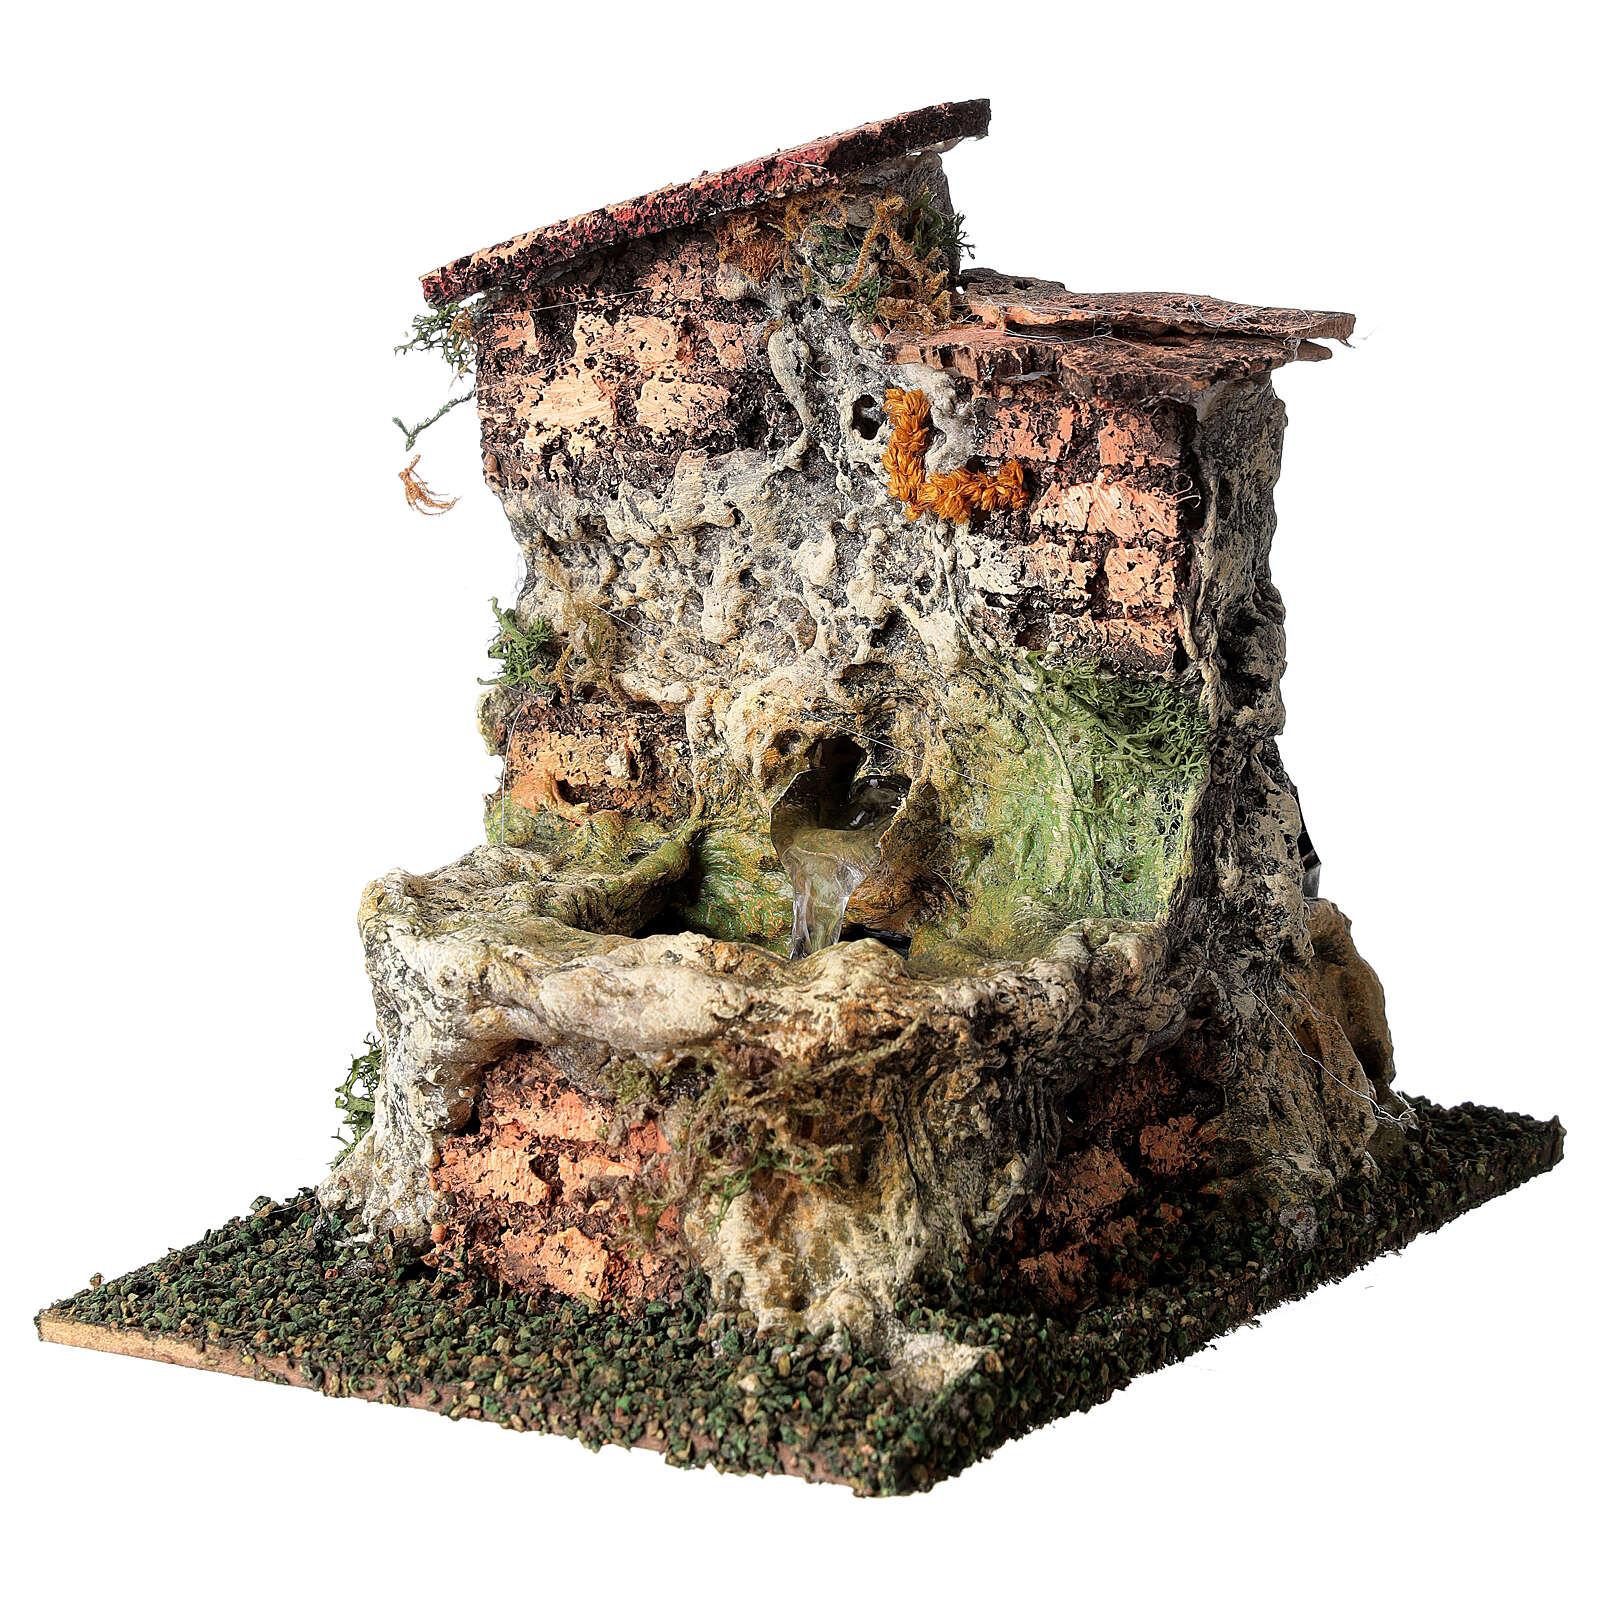 Fontanário funcionante em miniatura com telhado para presépio com figuras altura média 10-12 cm, medidas: 13,5x11x15 cm 4